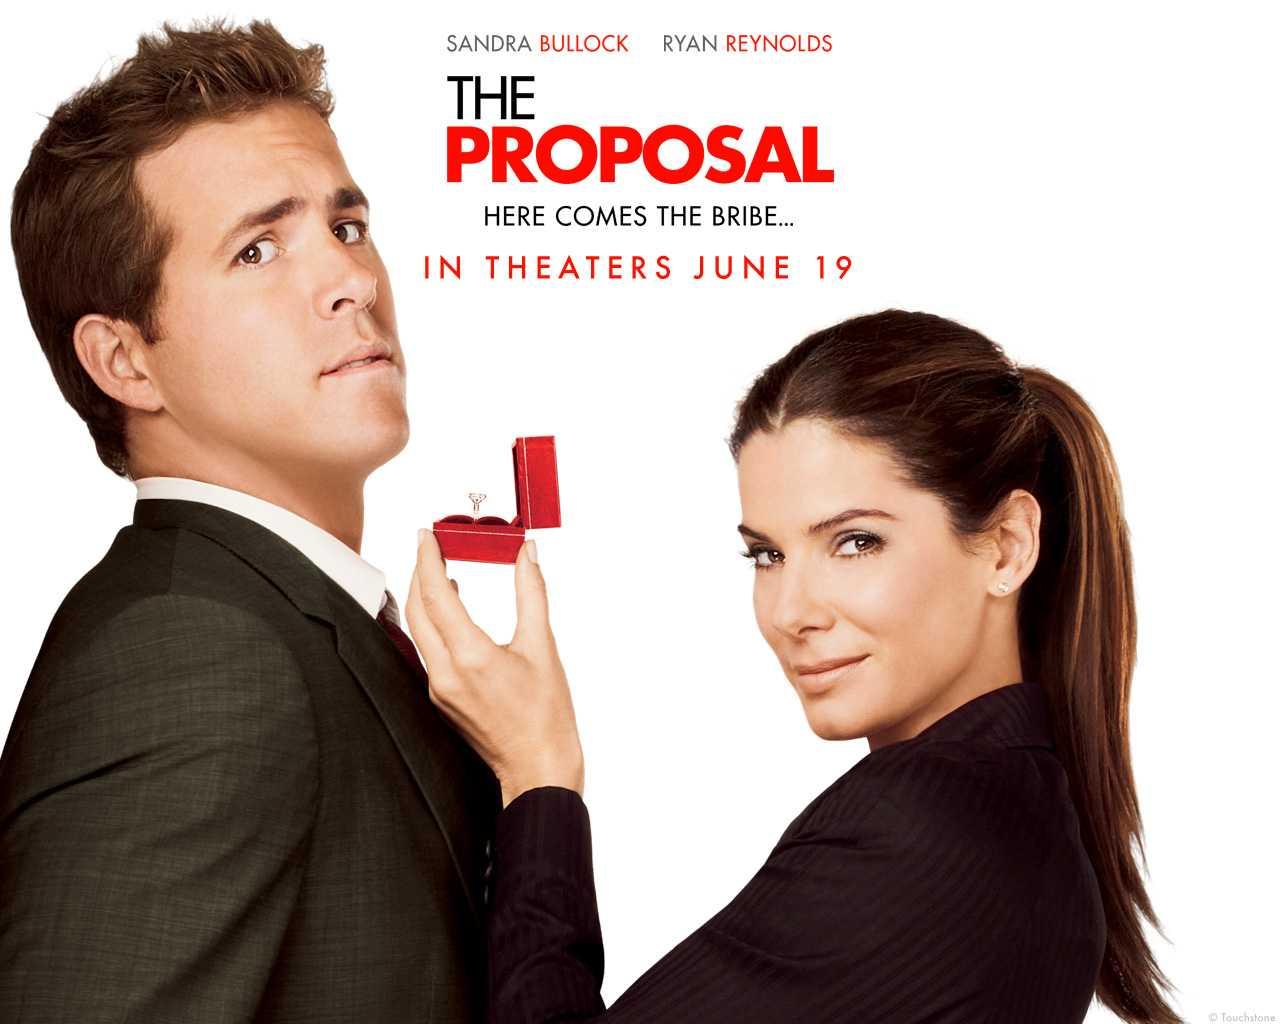 http://2.bp.blogspot.com/-H0FTjI6bDB8/T7UcrNjx9tI/AAAAAAAAATc/x0vnmK7TwHM/s1600/The_proposal.jpg